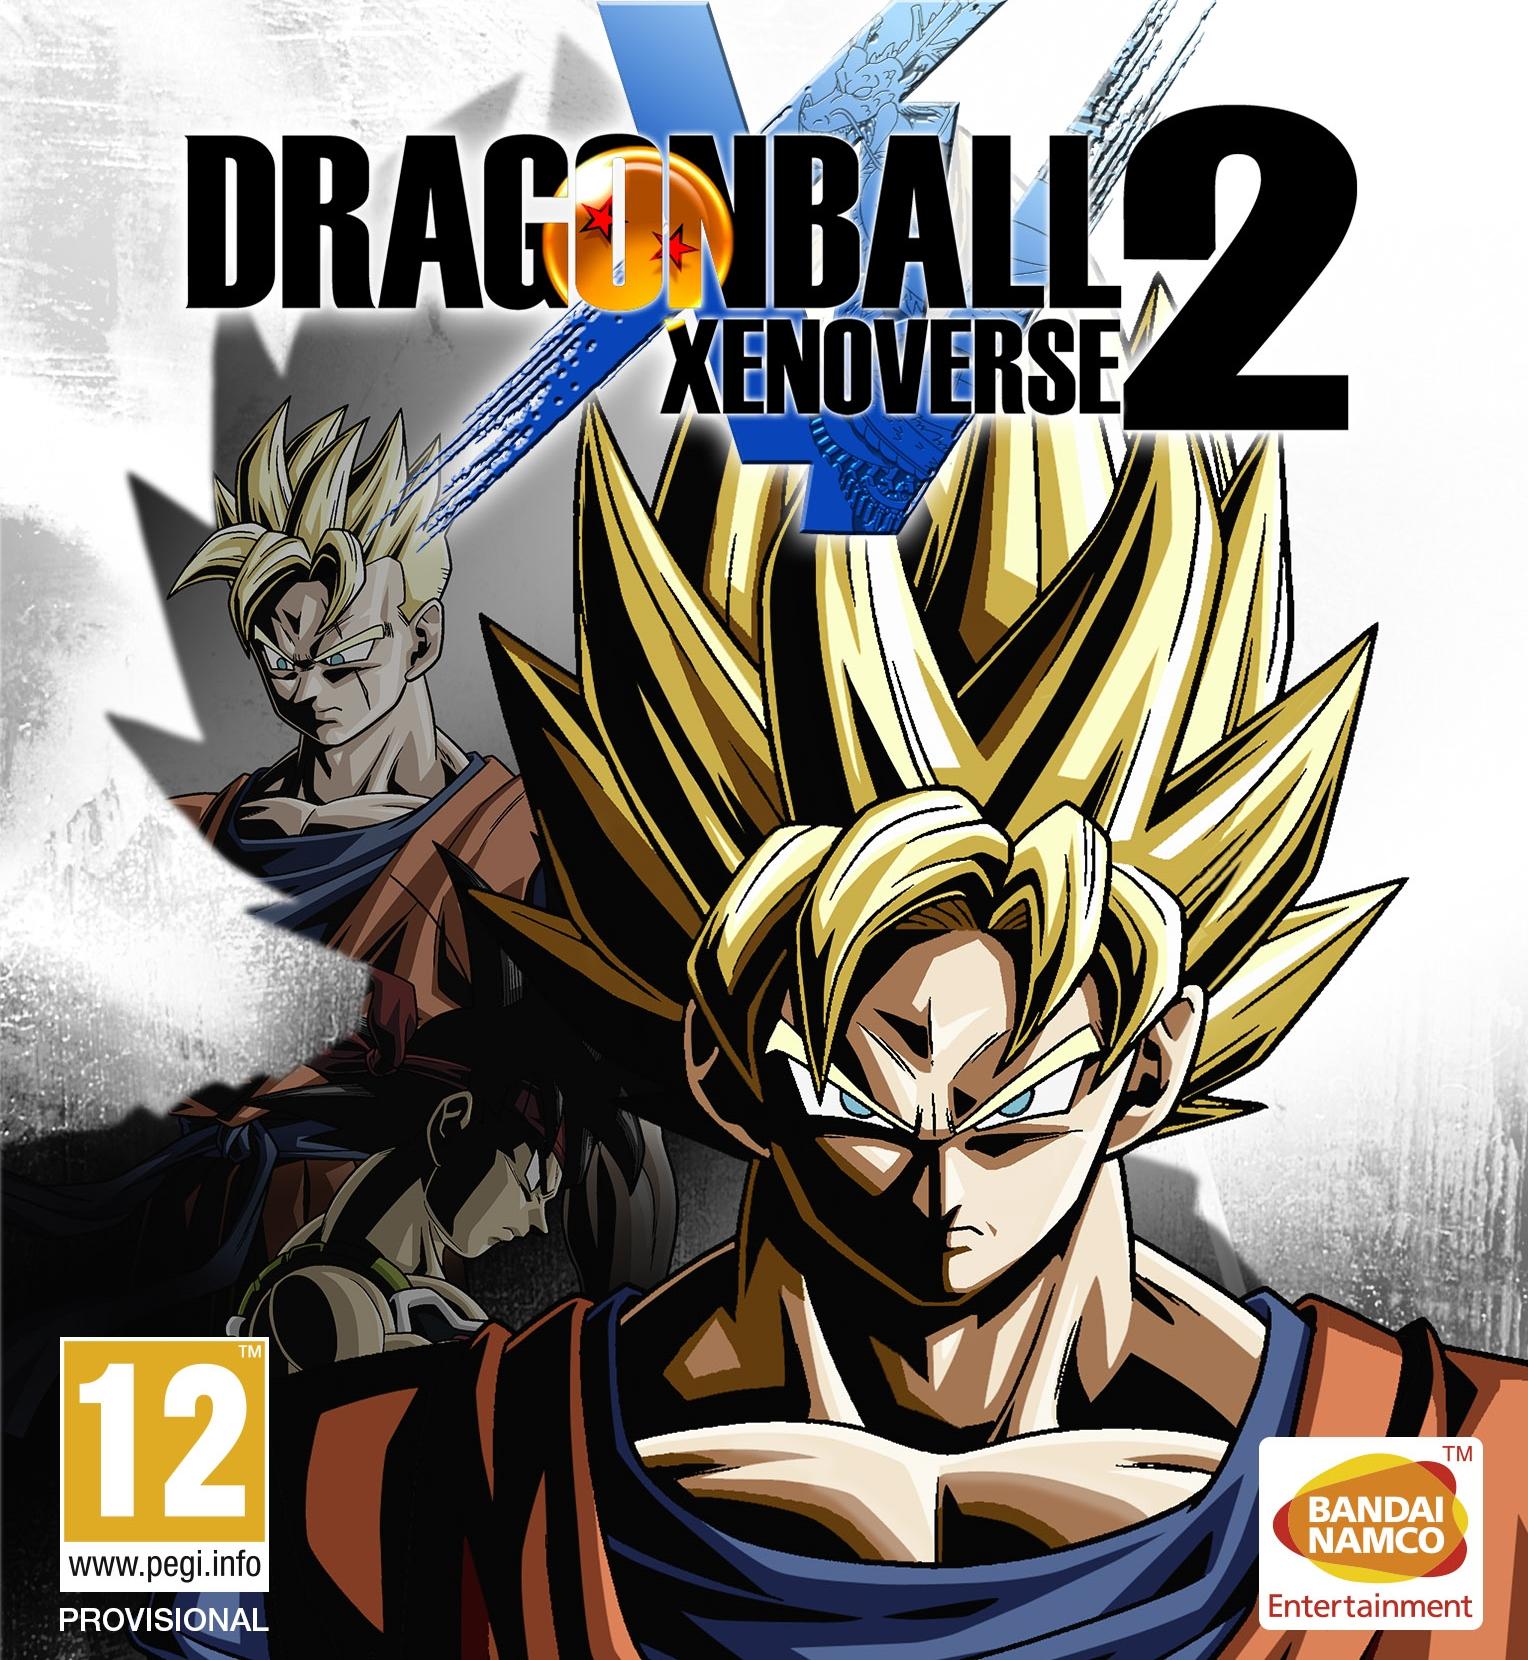 Microsoft-XBOXDragon-Ball-Xenoverse-2-XBOX-GAME